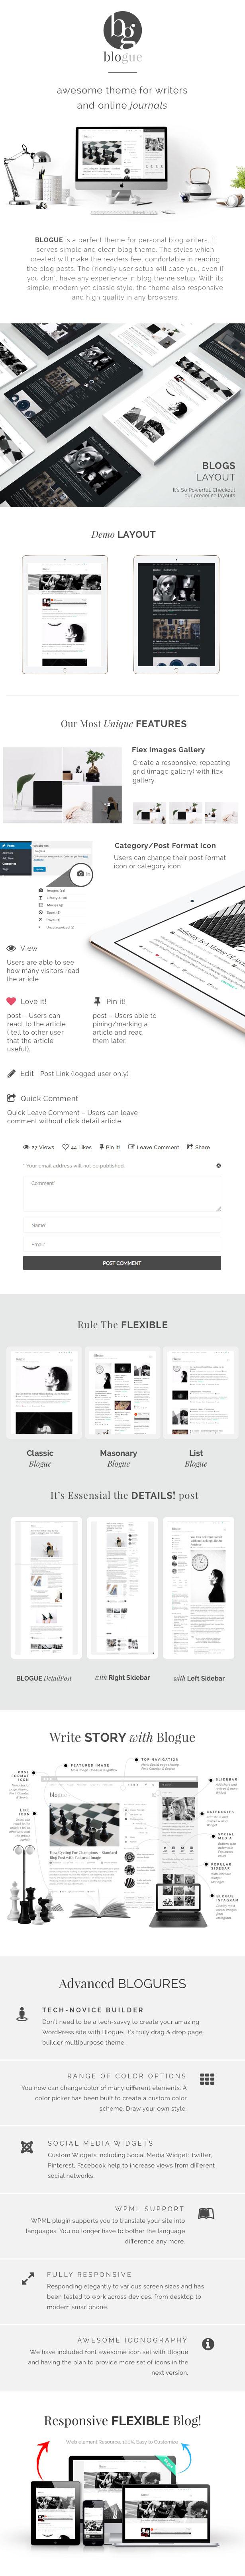 BLOGUE ist ein perfektes Thema für persönliche Blog-Autoren. Es dient einfach und sauber Blog-Thema. Durch die erstellten Stile fühlen sich die Leser beim Lesen der Blog-Beiträge wohl. Die benutzerfreundliche Einrichtung erleichtert Ihnen die Arbeit, auch wenn Sie noch keine Erfahrung mit der Einrichtung von Blog-Themen haben. Mit seinem einfachen, modernen und dennoch klassischen Stil reagiert das Thema auch in allen Browsern schnell und in hoher Qualität